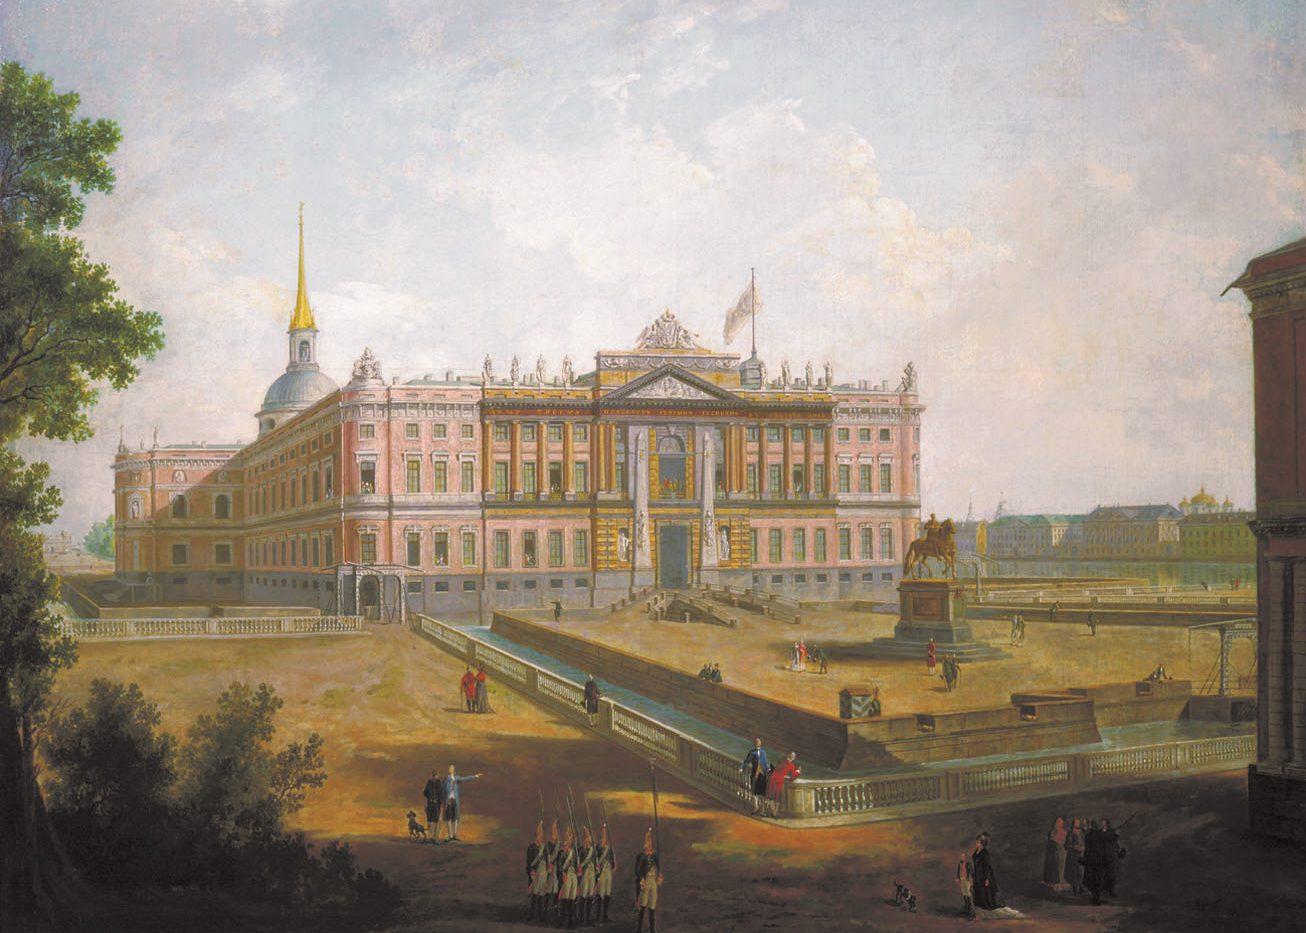 История Михайловского замка